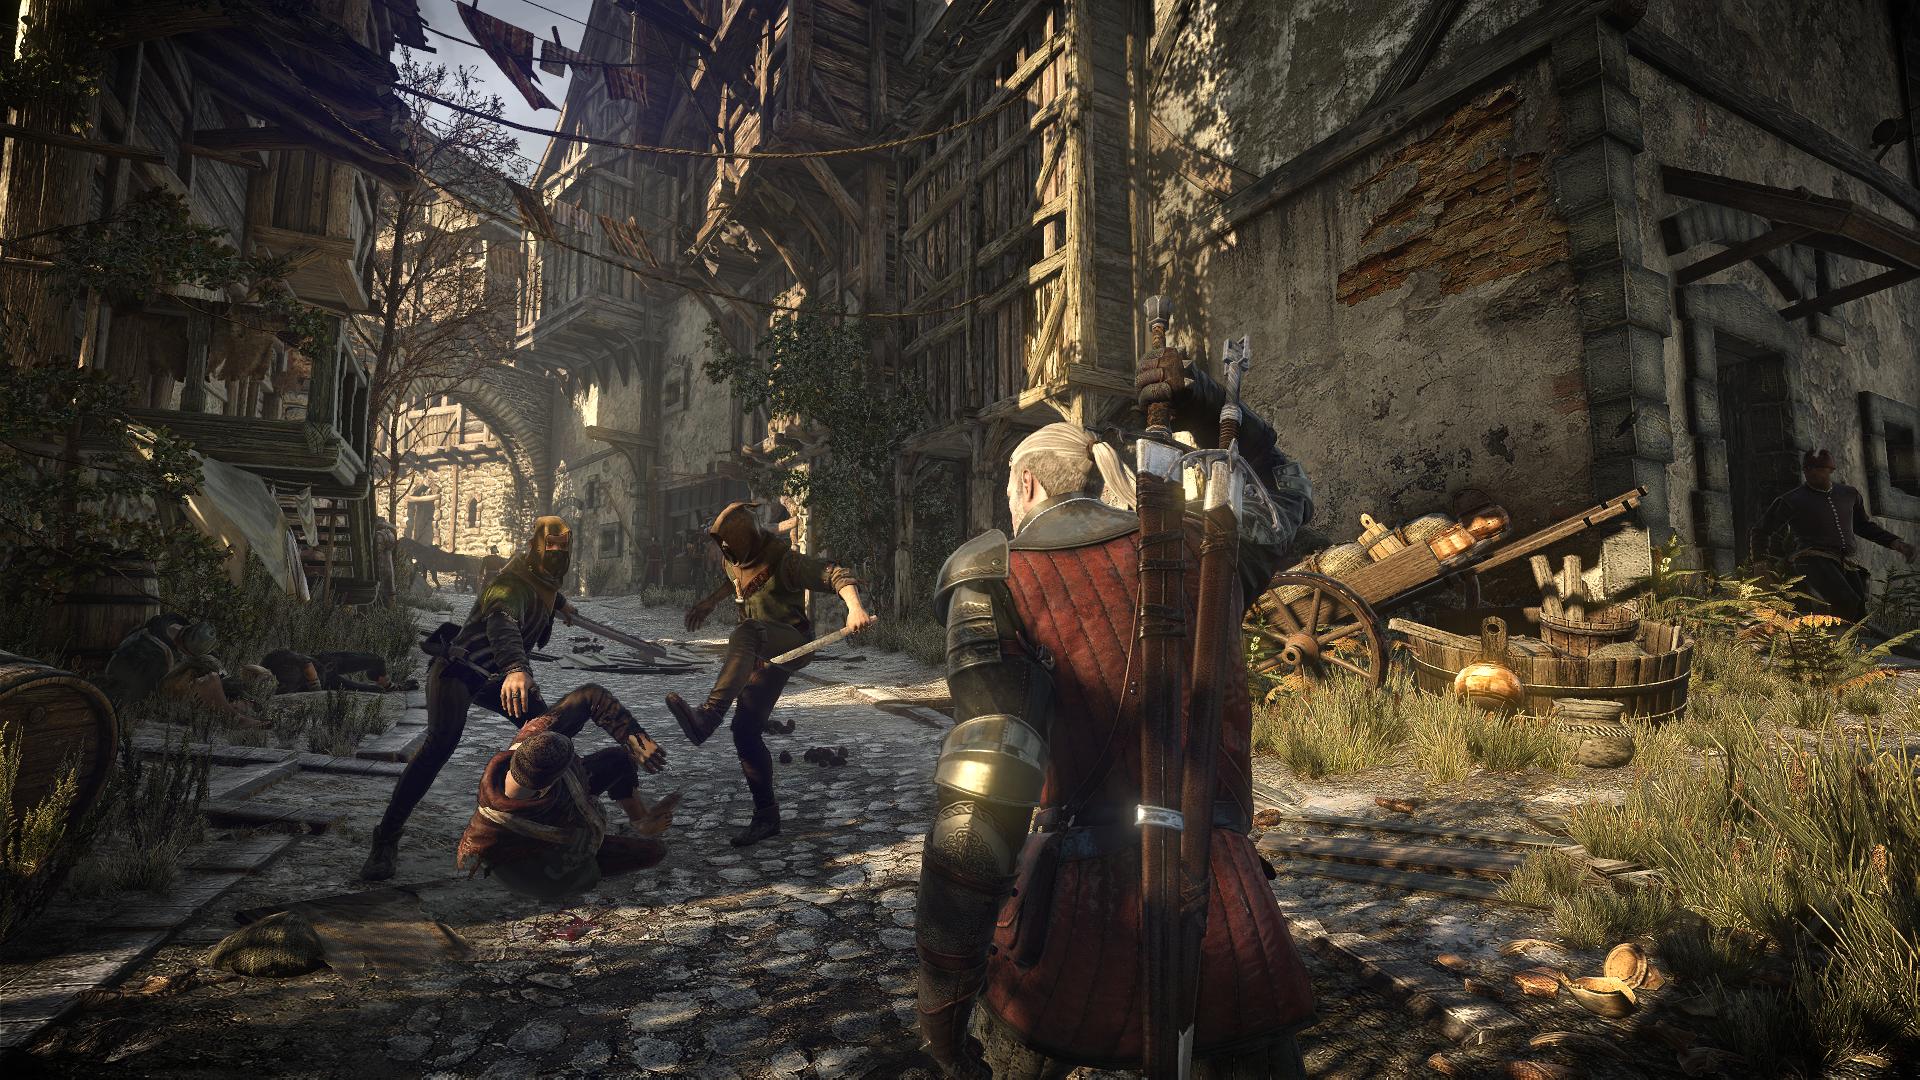 В итальянском PSN появился размер The Witcher 3: Wild Hunt для PS4 — 50 ГБ.. - Изображение 1